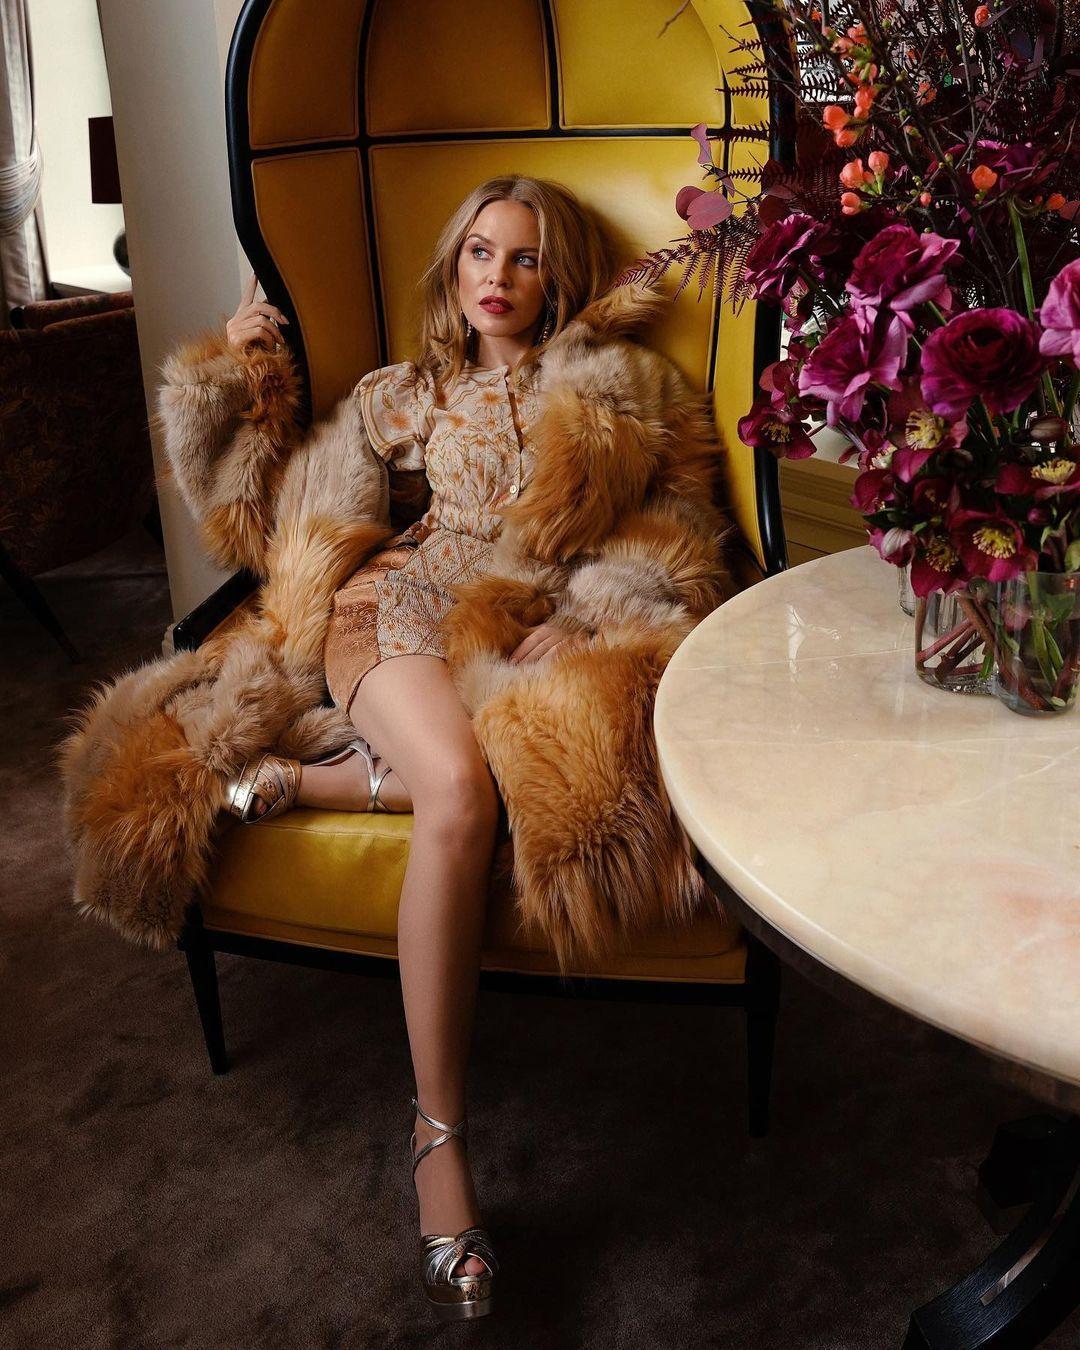 Princess of Pop Кайли Миноуг: что говорят карты Таро о жизни и творчестве австралийской певицы